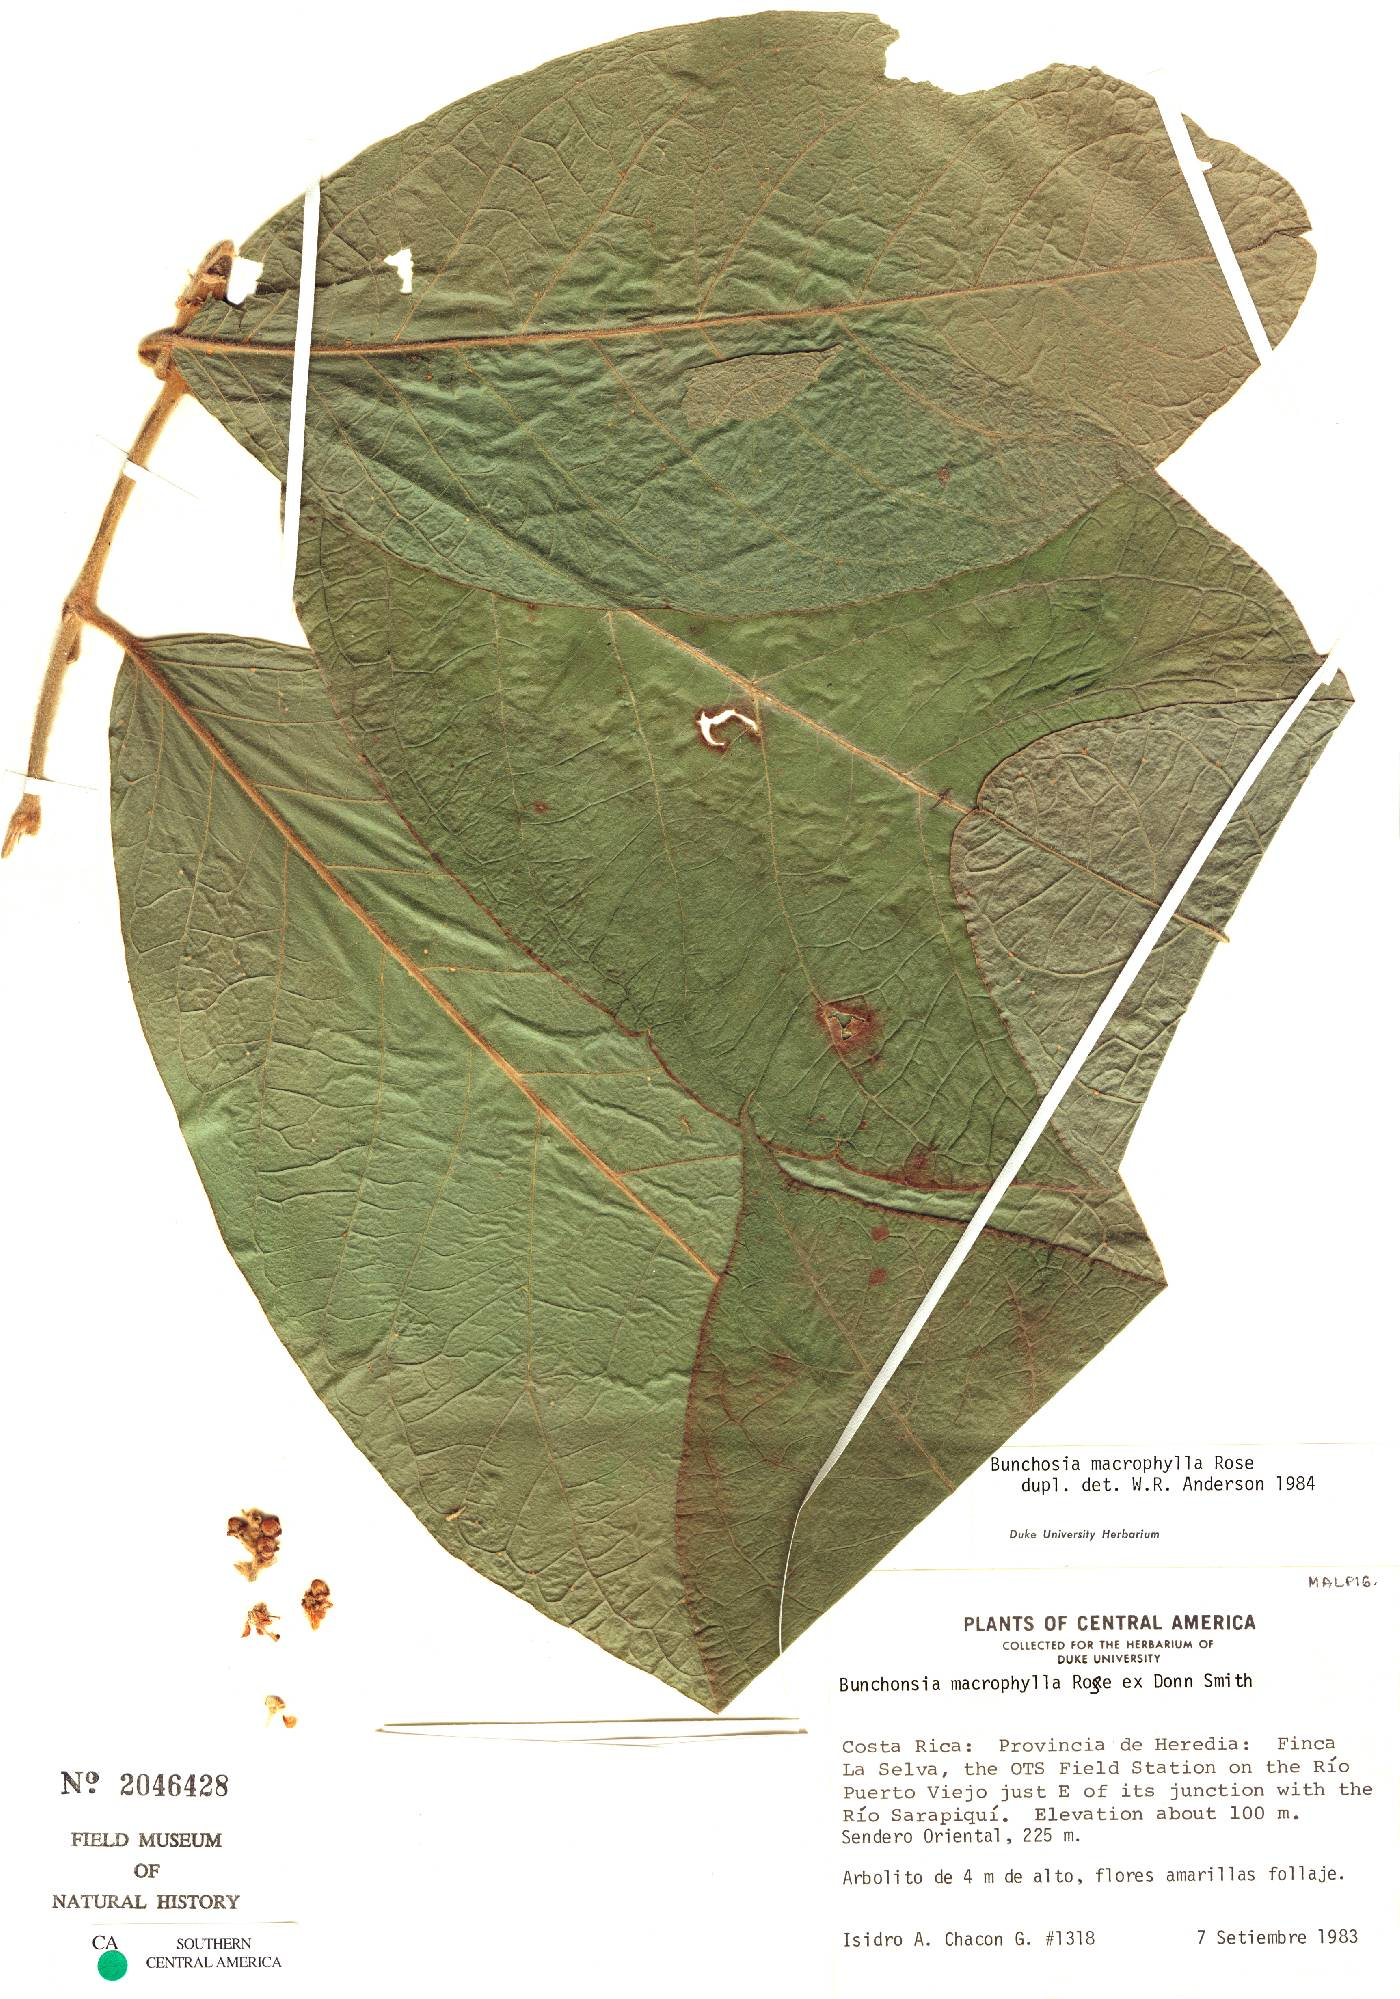 Bunchosia macrophylla image